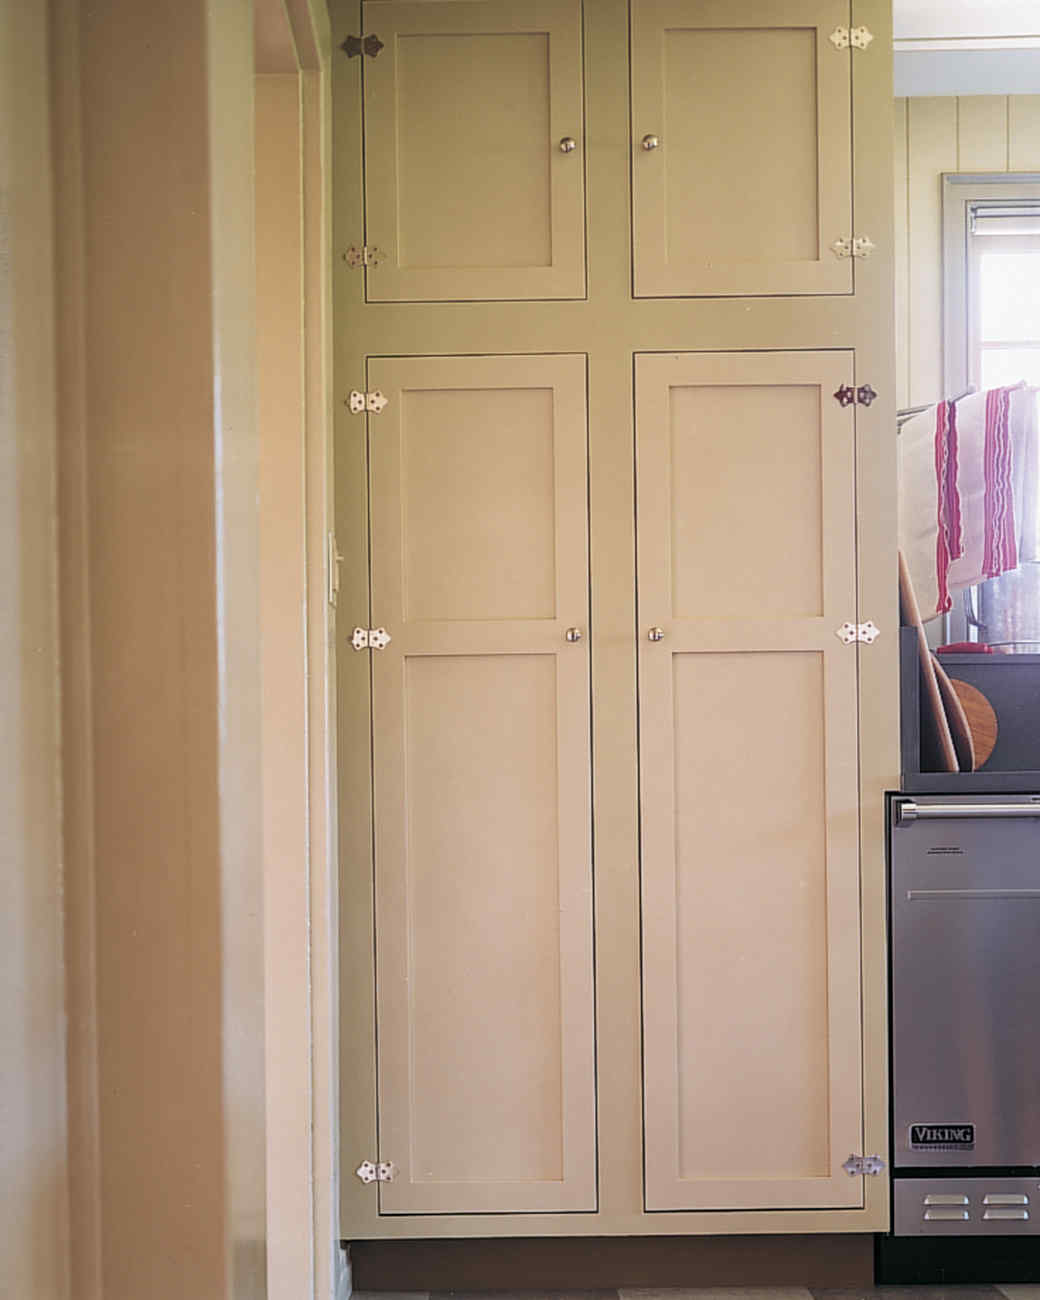 kitchen-redefined-15-d99349-0915.jpg